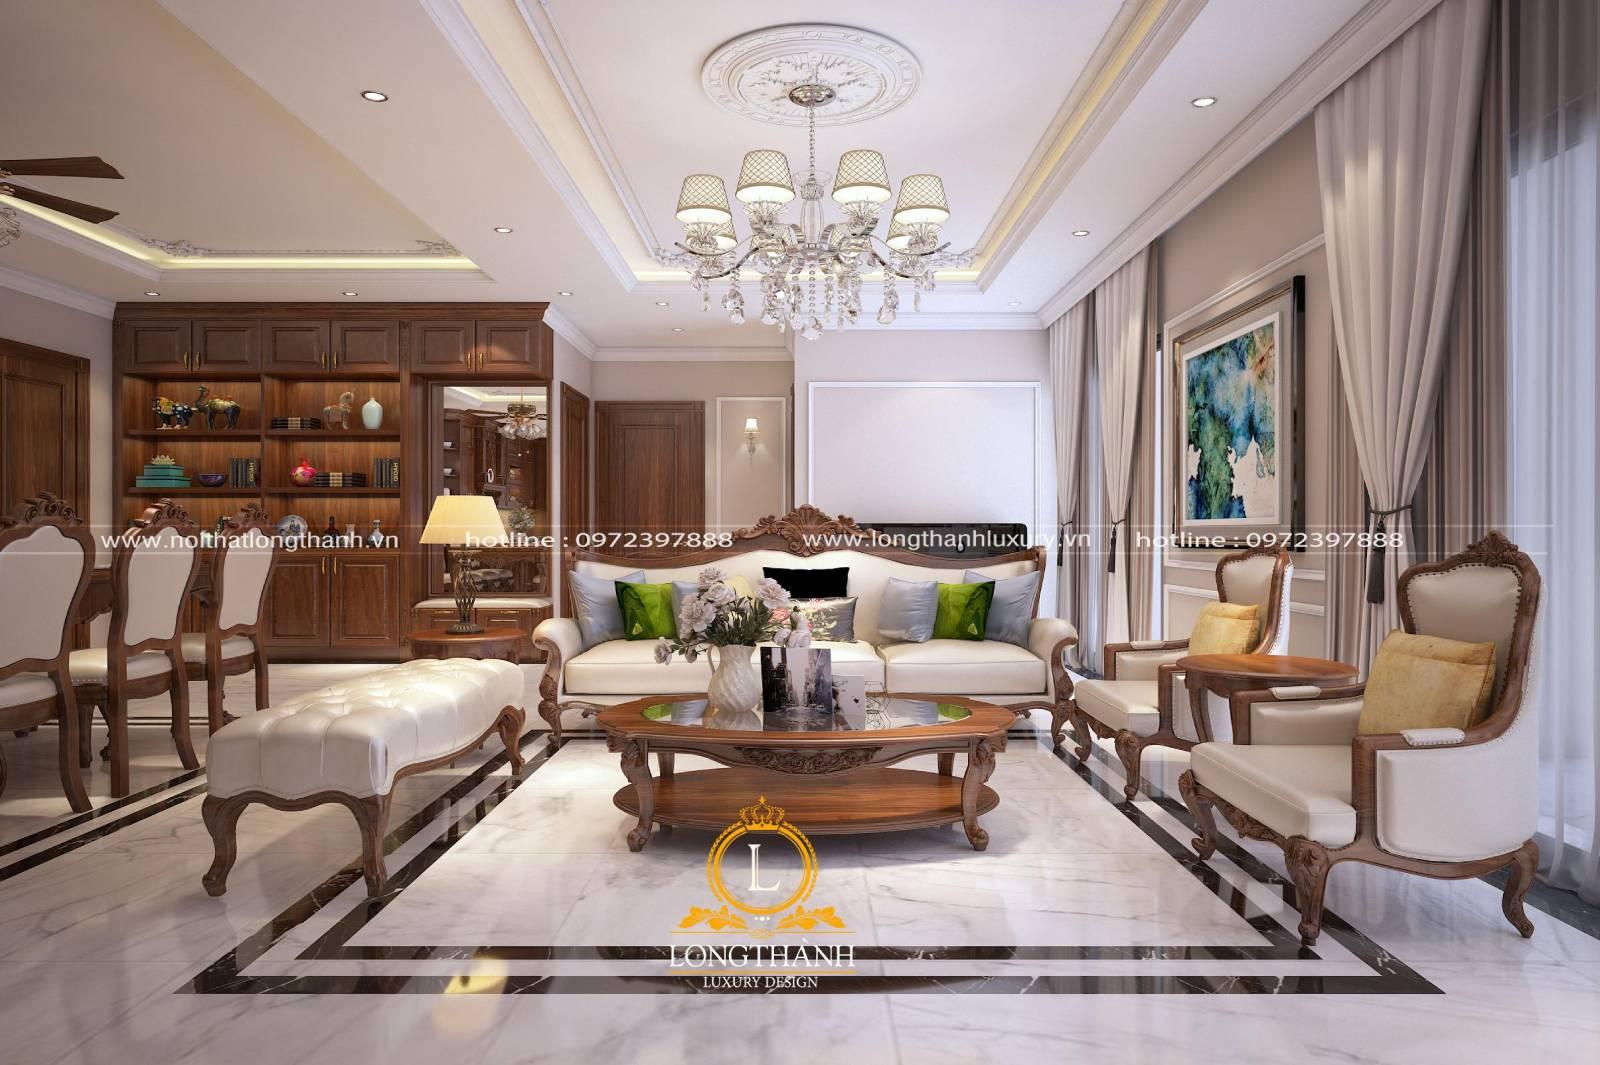 Sofa gỗ phù hợp với mọi phong cách thiết kế nội thất phòng khách